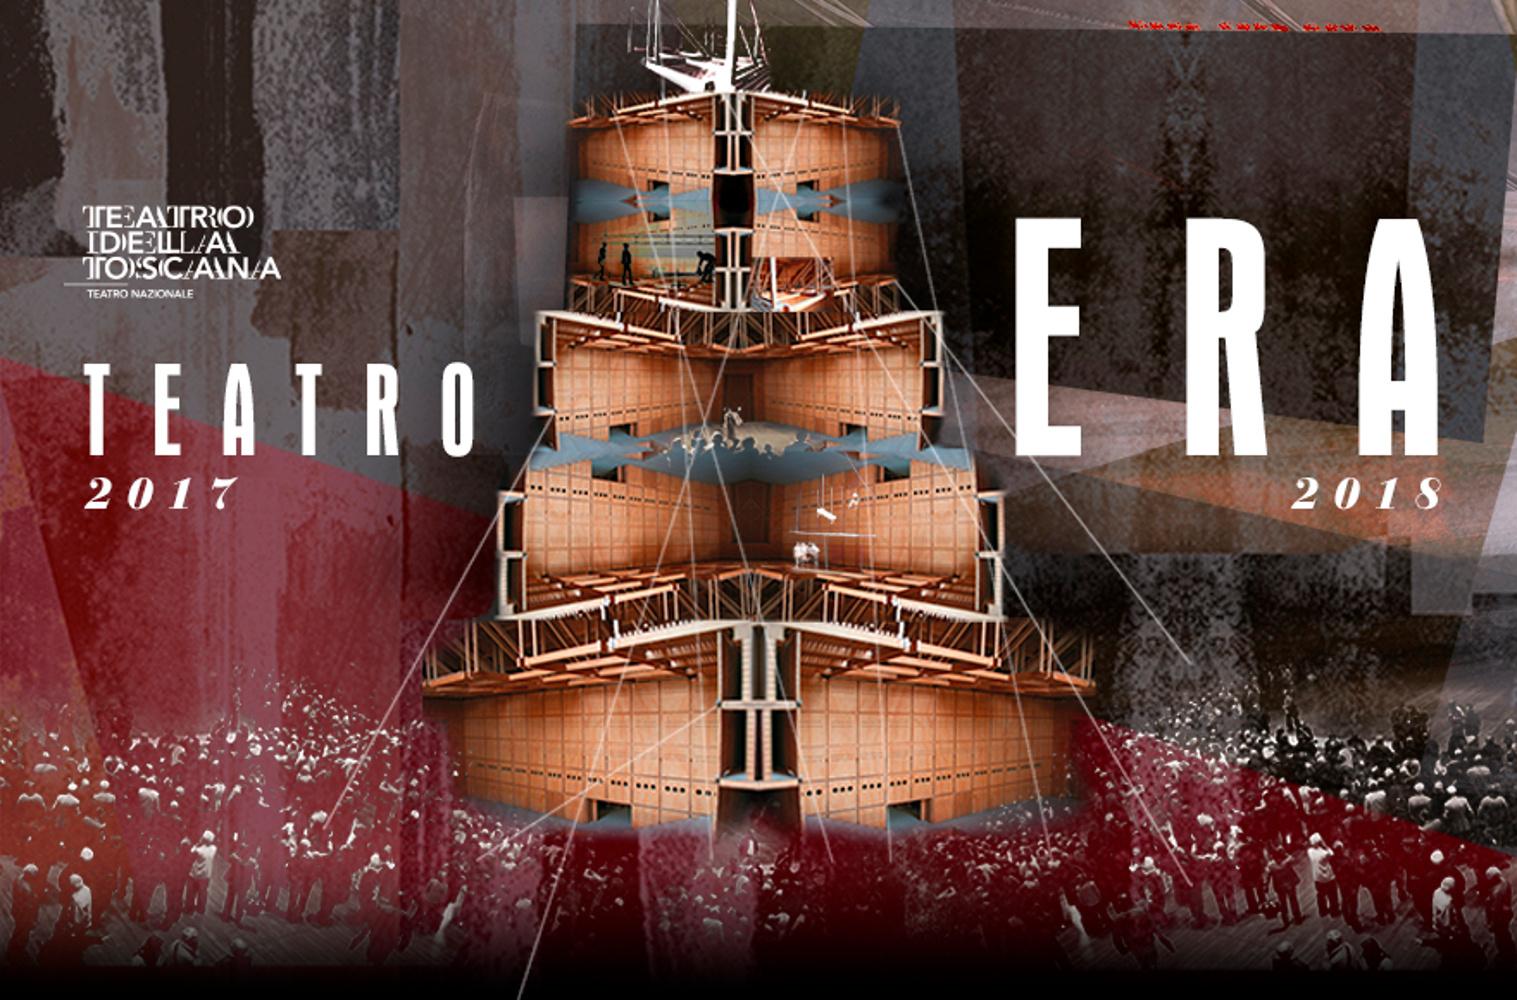 Teatro Era - immagine della nuova stagione '17-'18 (di Walter Sardonini)